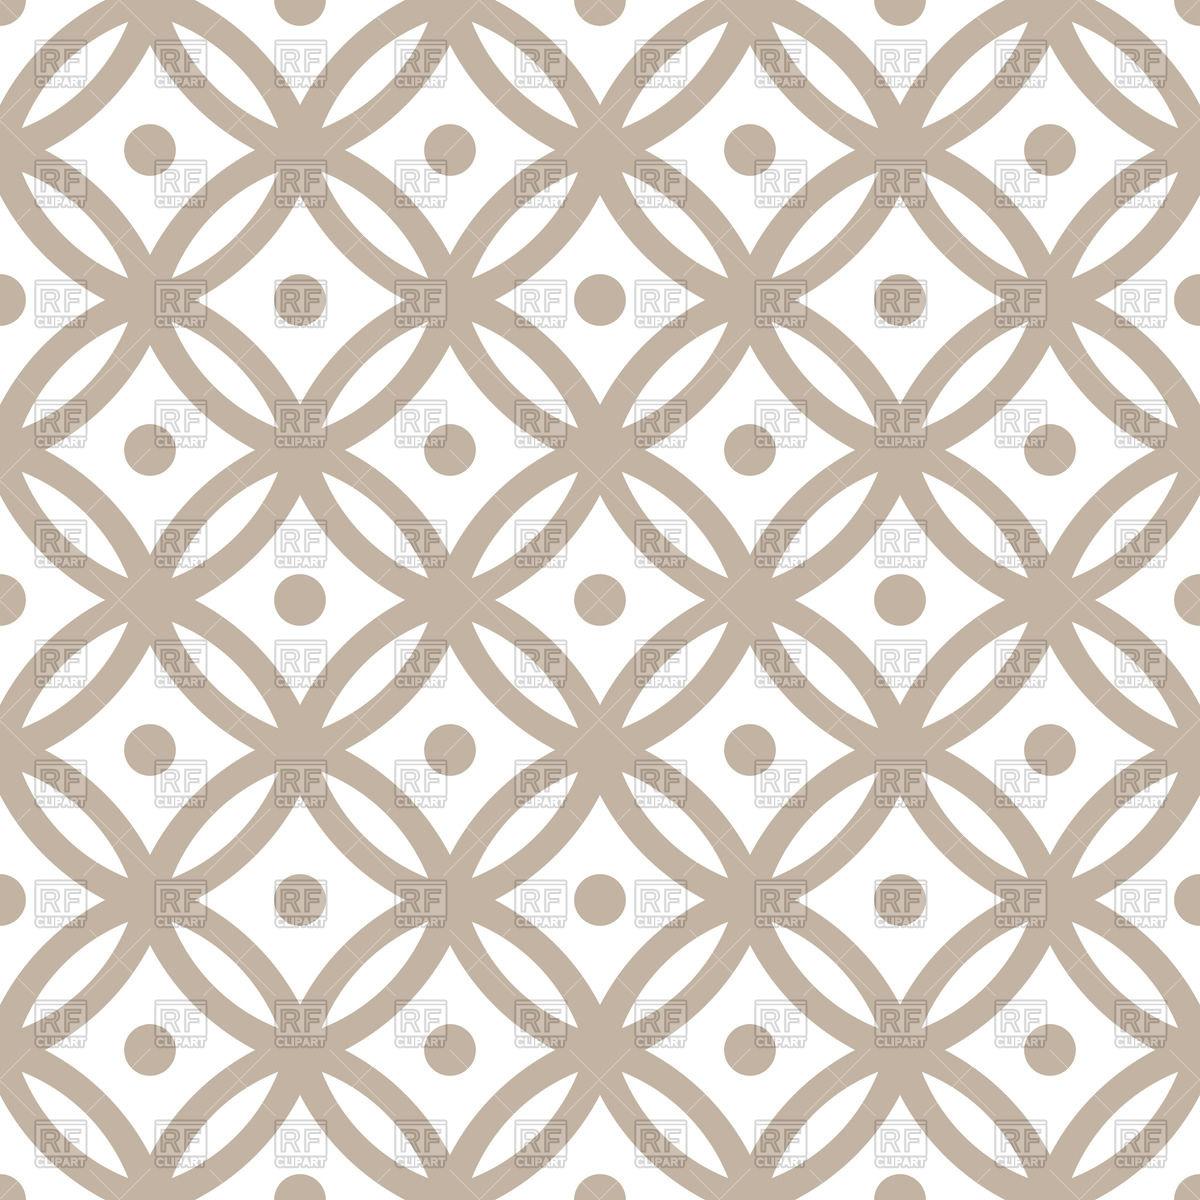 Decorative Shapes Clipart - Clipart Suggest